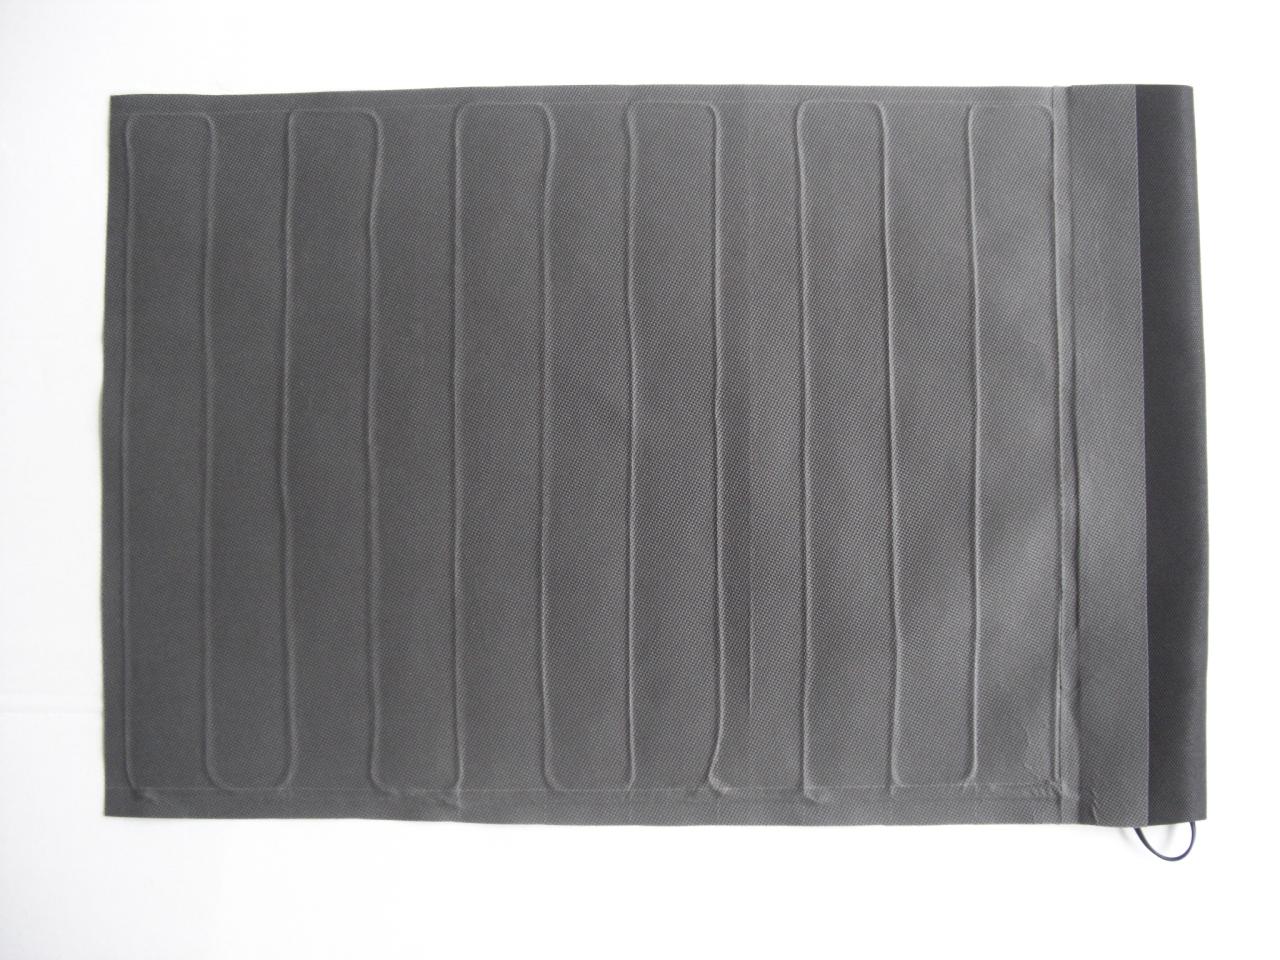 kinderbett mit unterbett fabulous babybett mit matratze kaufen sie auf www within cool. Black Bedroom Furniture Sets. Home Design Ideas